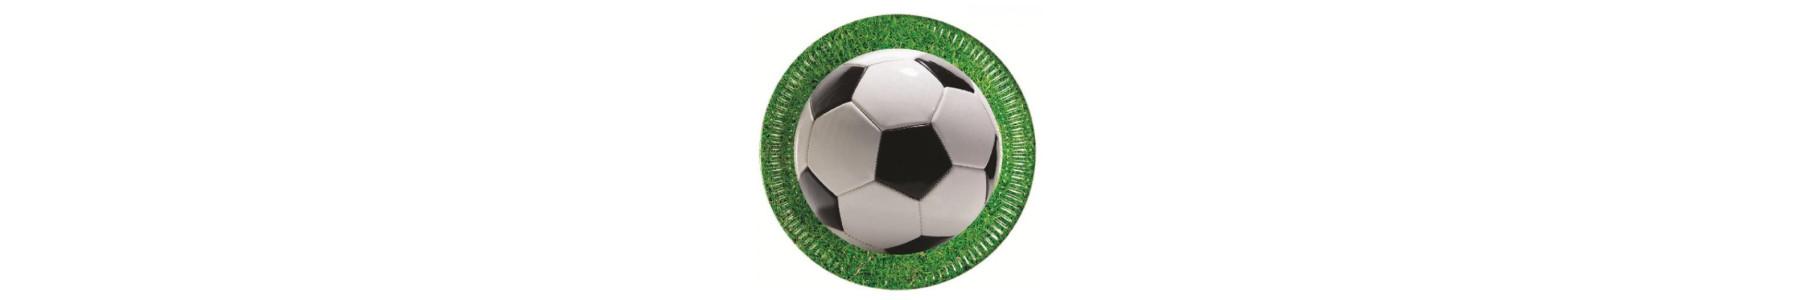 Accesorii de petrecere fotbal